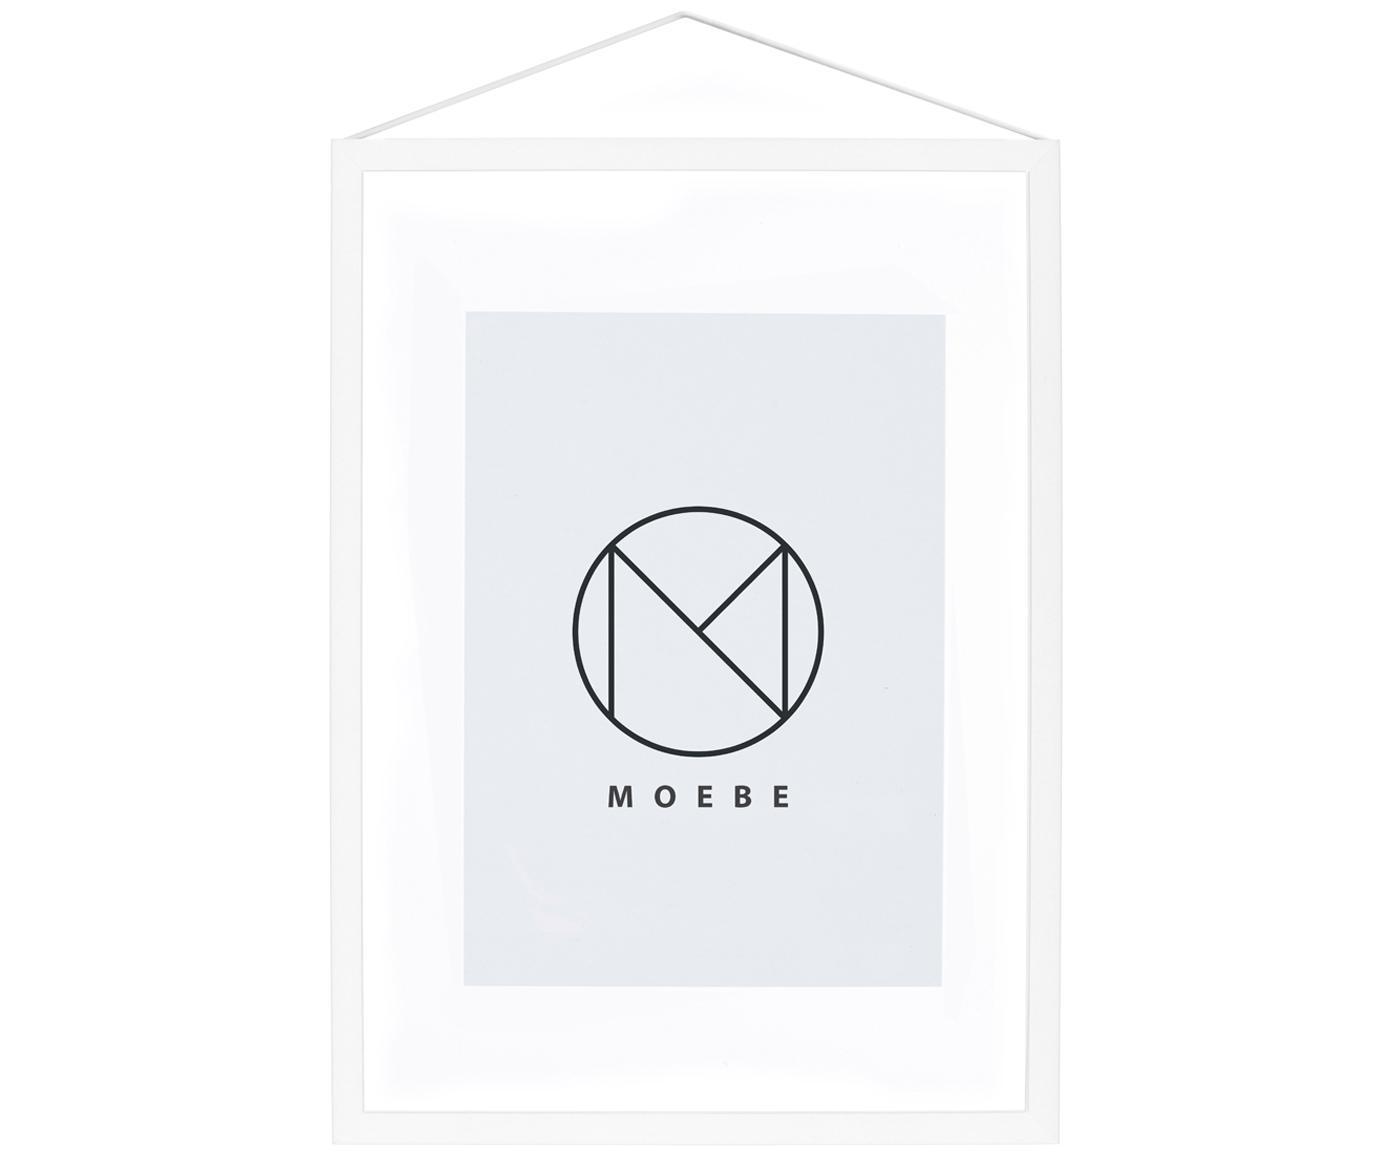 Fotolijstje Frame, Frame: gepoedercoat aluminium, Frame: wit. Ophanging: zwart. Front en achterkant: transparant, 23 x 31 cm